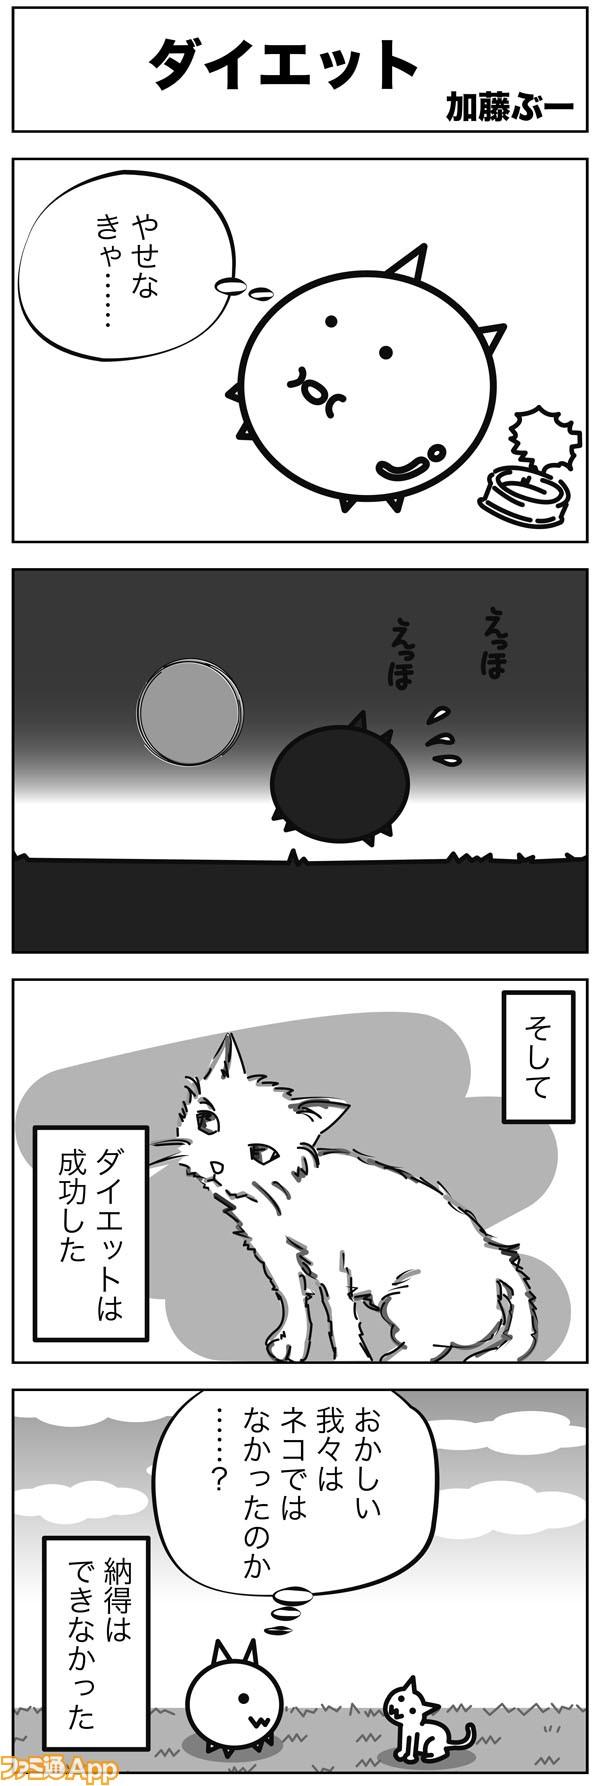 04kato-066